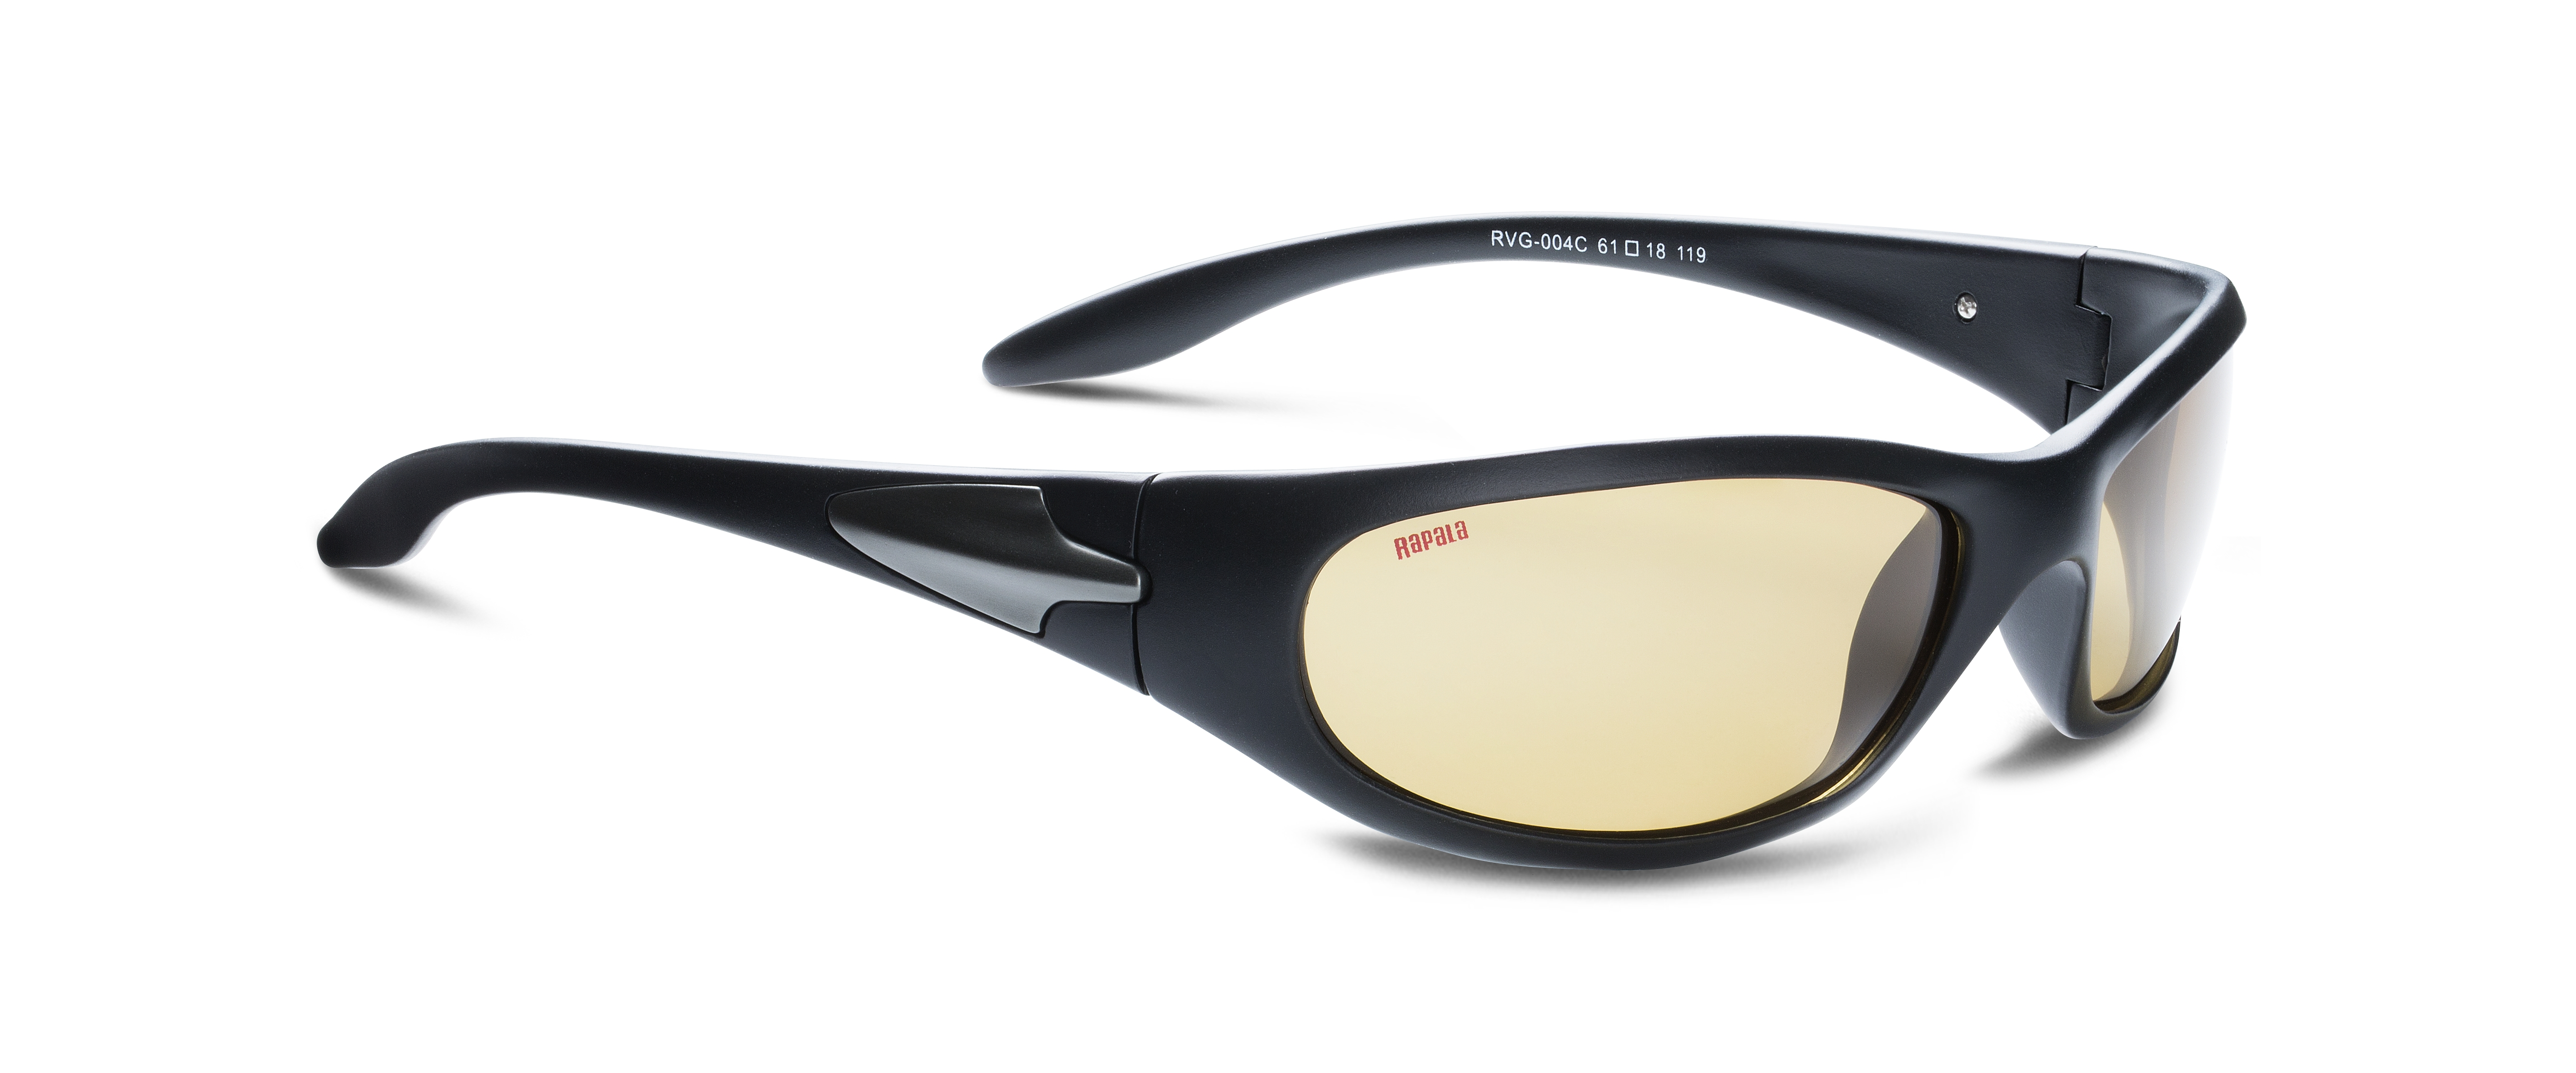 Фото - Очки Rapala Sportsman's RVG-004C 3d очки